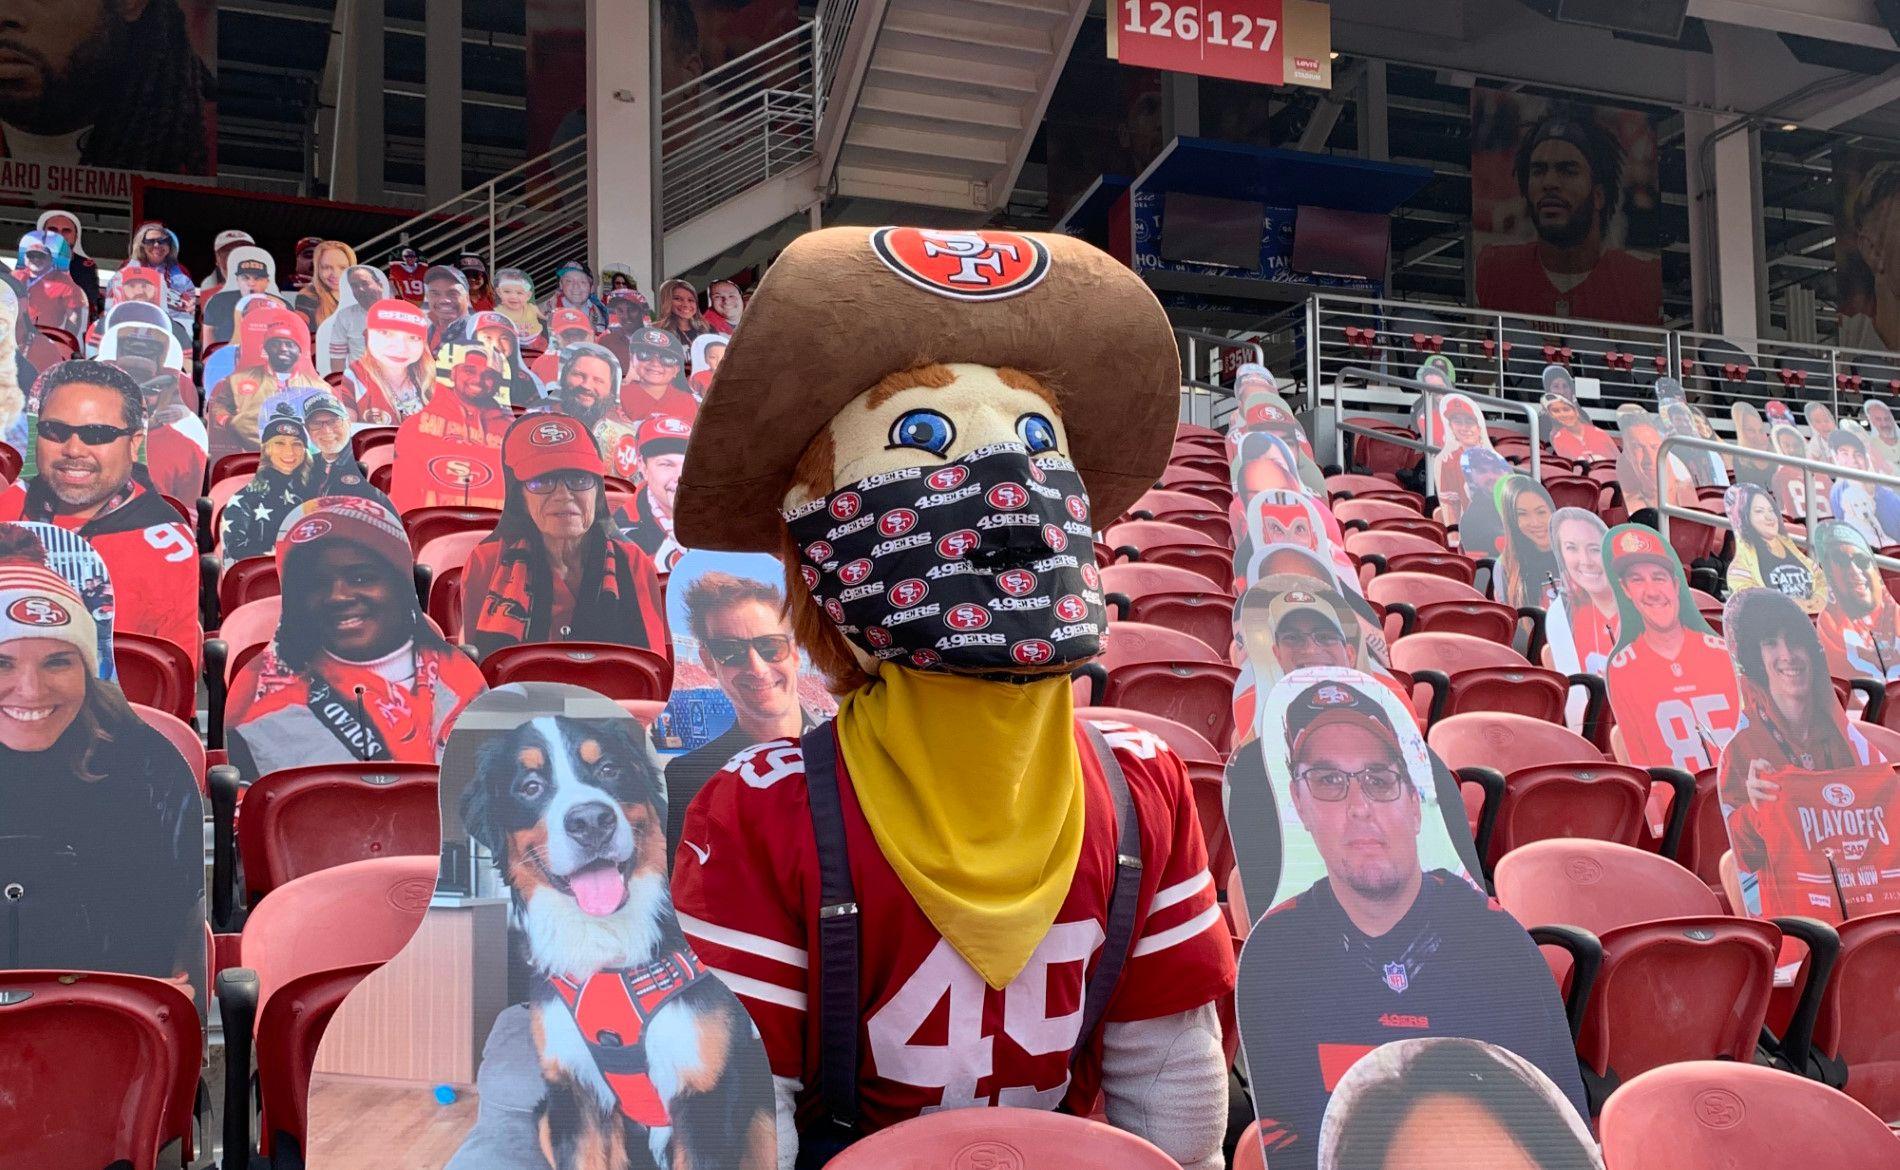 sourdough sam the last fan standing at levis.'